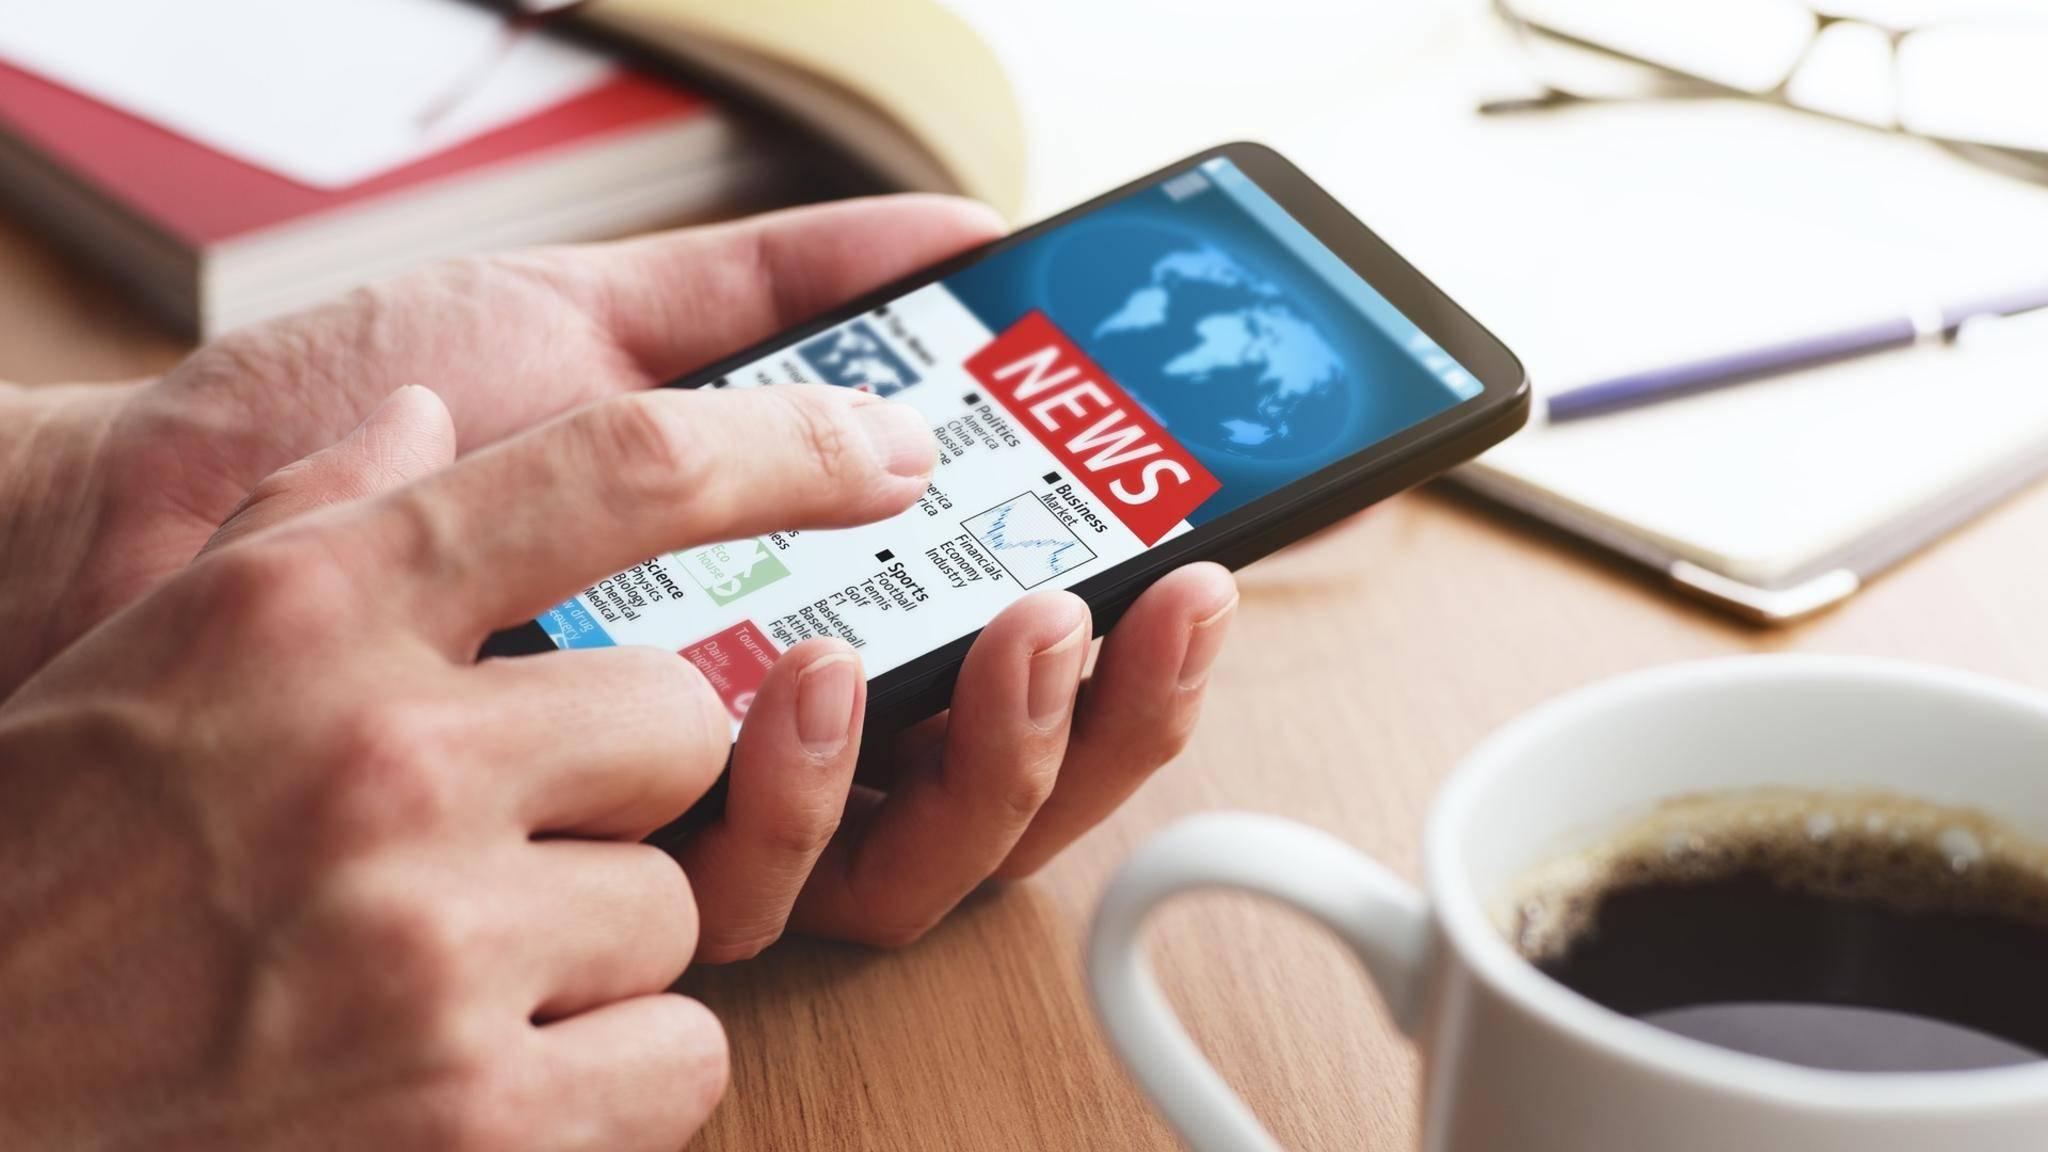 Mann liest Nachrichten-App am Smartphone mit Kaffee.